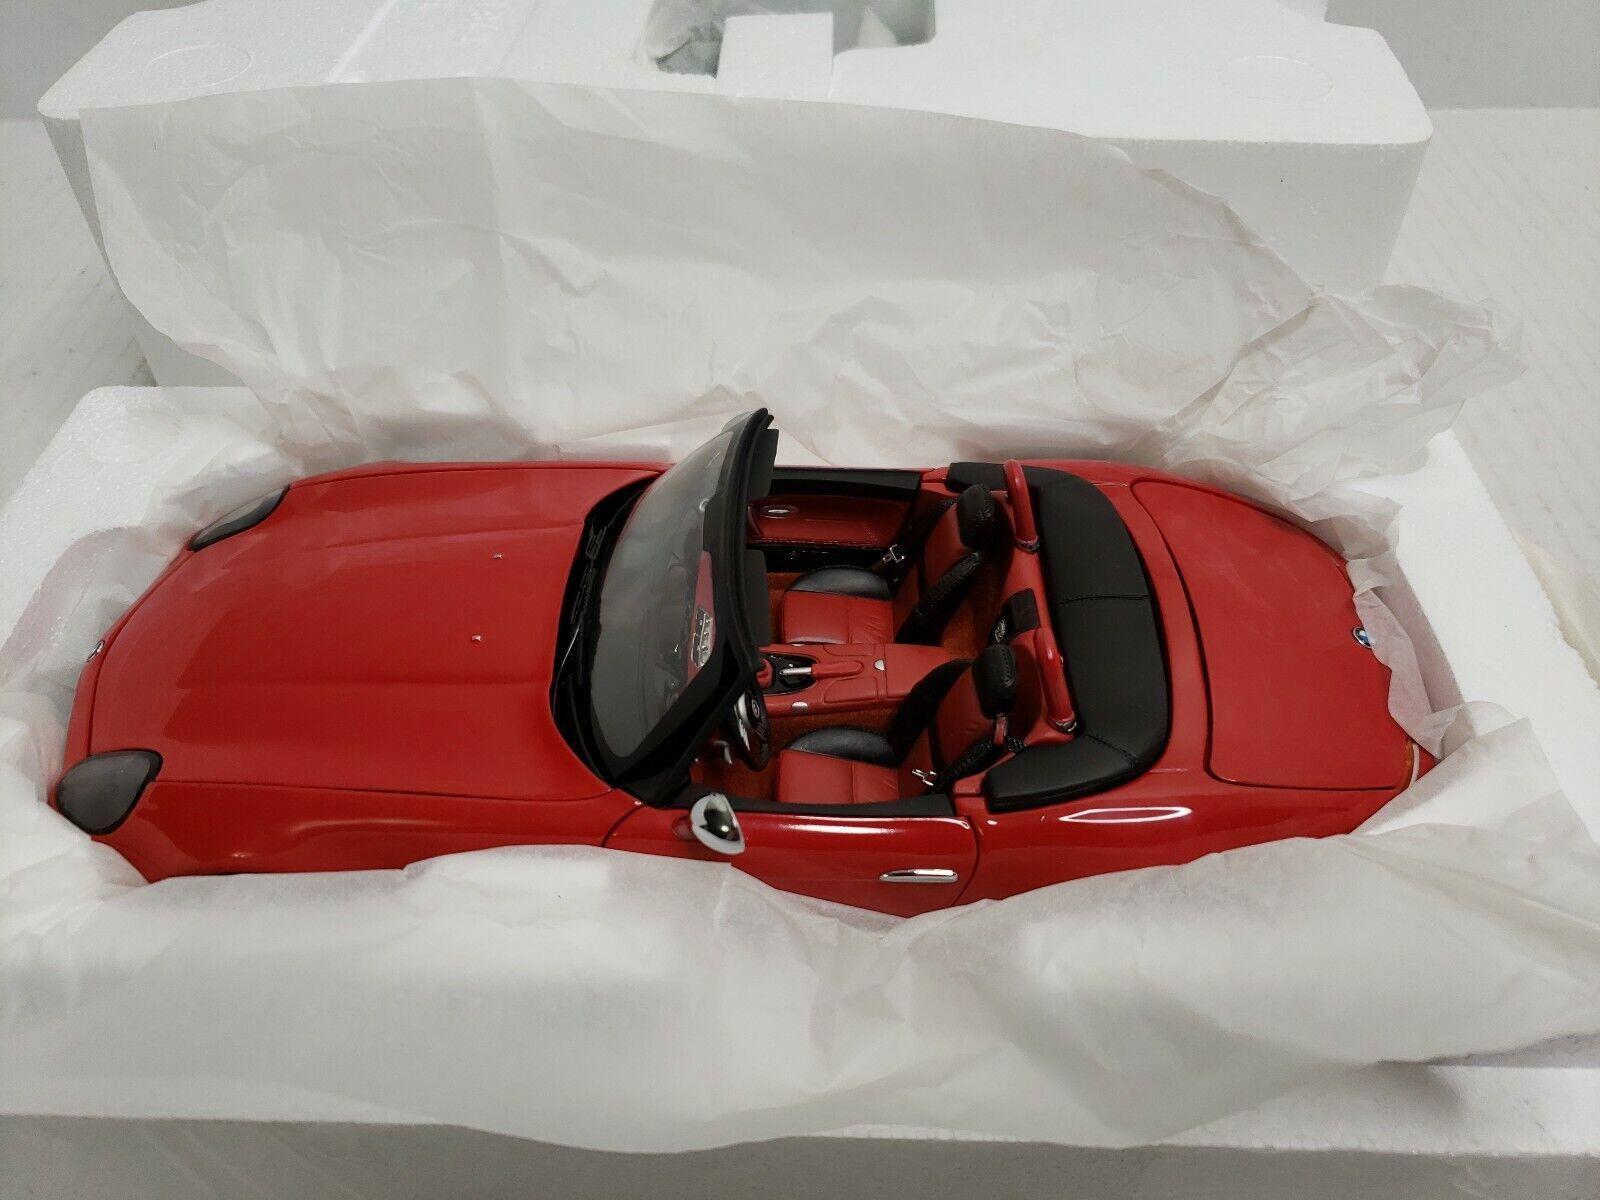 Kyosuo 2001 BMW Z8 118 Rosso 08511R Nuovo in Scatola difficili da trovare Giappone